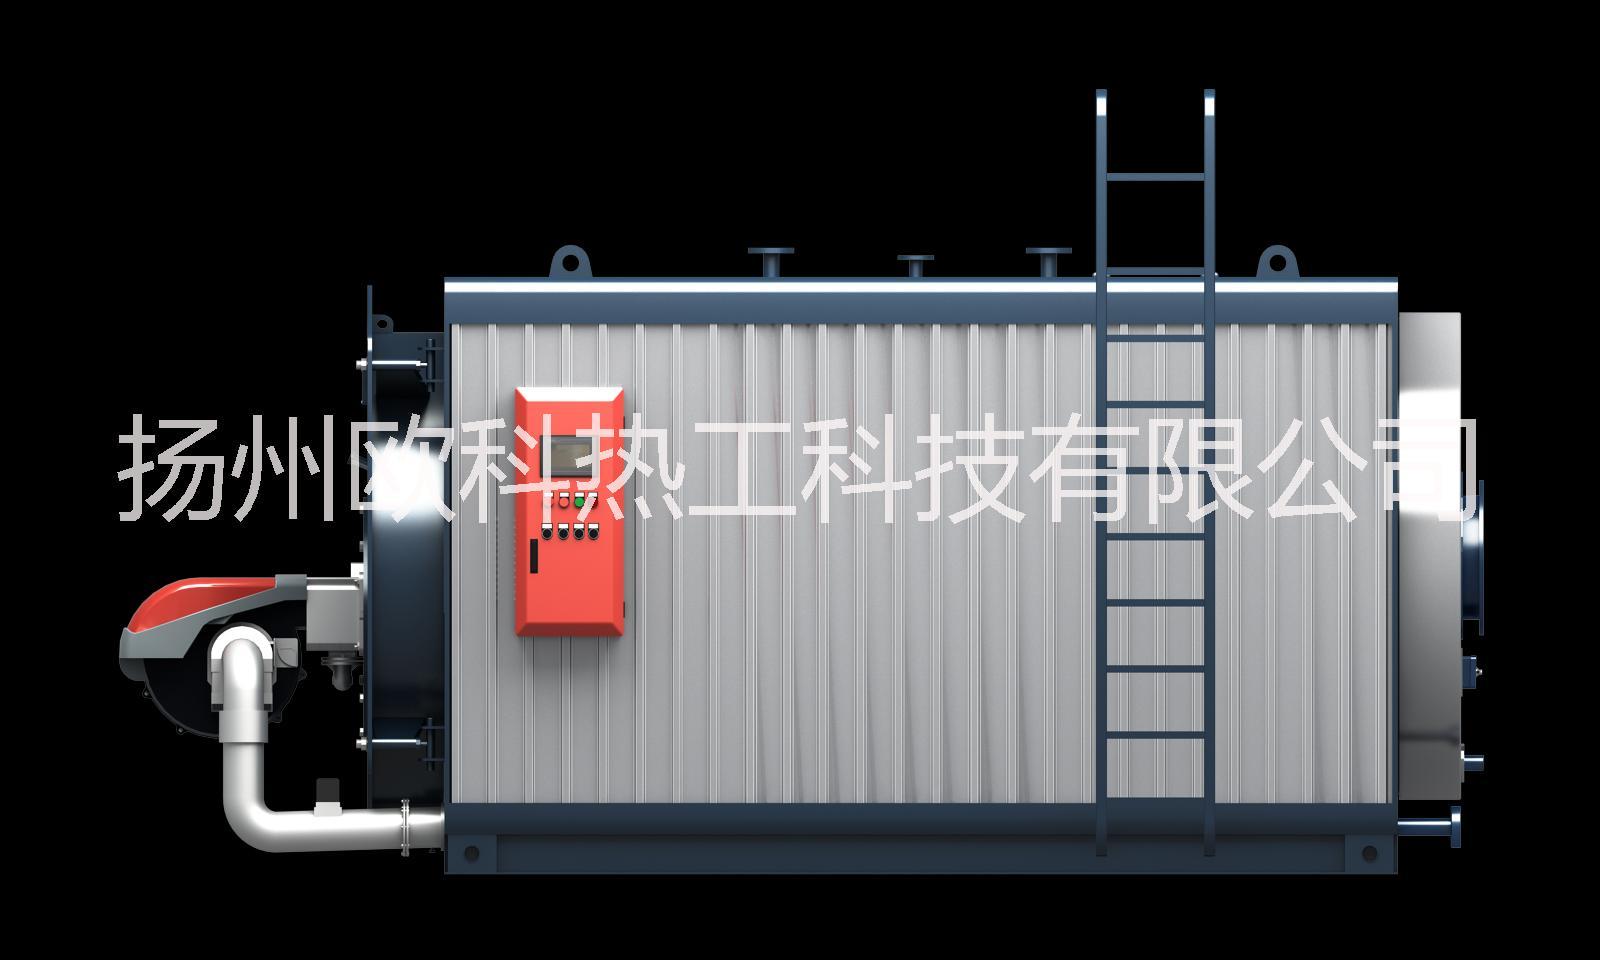 低氮燃气冷凝常压热水锅炉图片/低氮燃气冷凝常压热水锅炉样板图 (4)